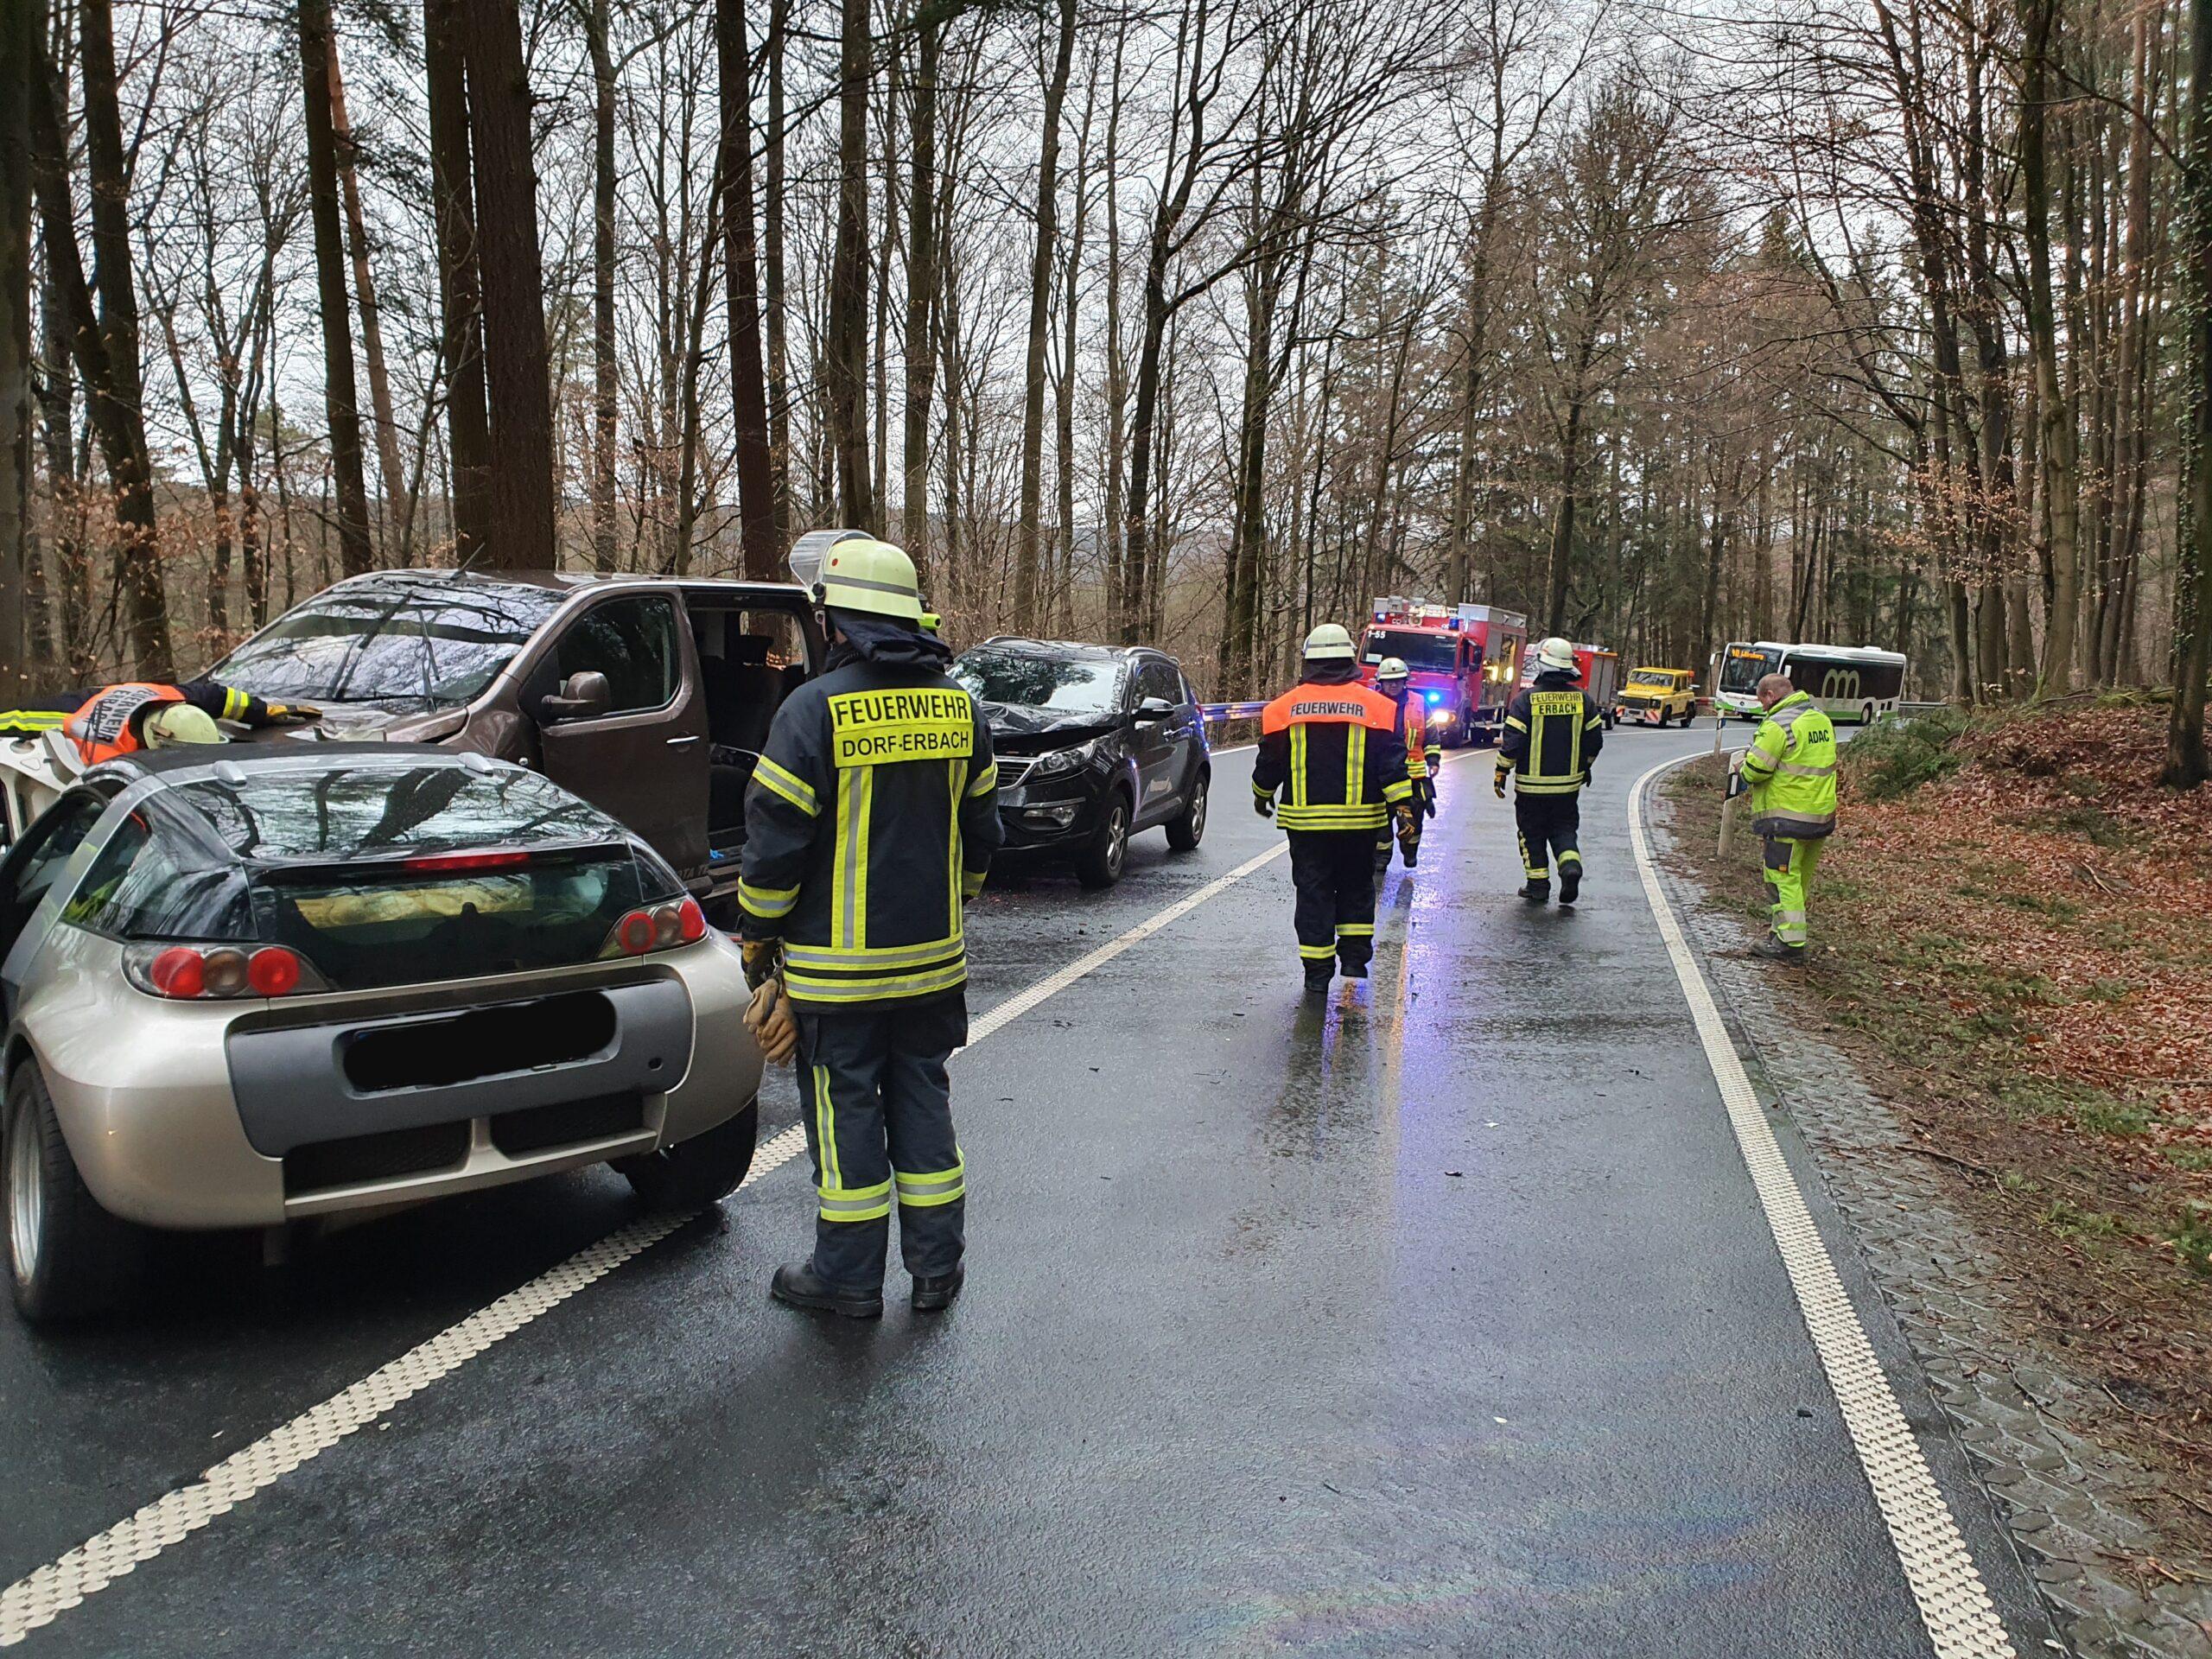 17.02.2020 Auslaufende Betriebsstoffe nach Verkehrsunfall (03-20)